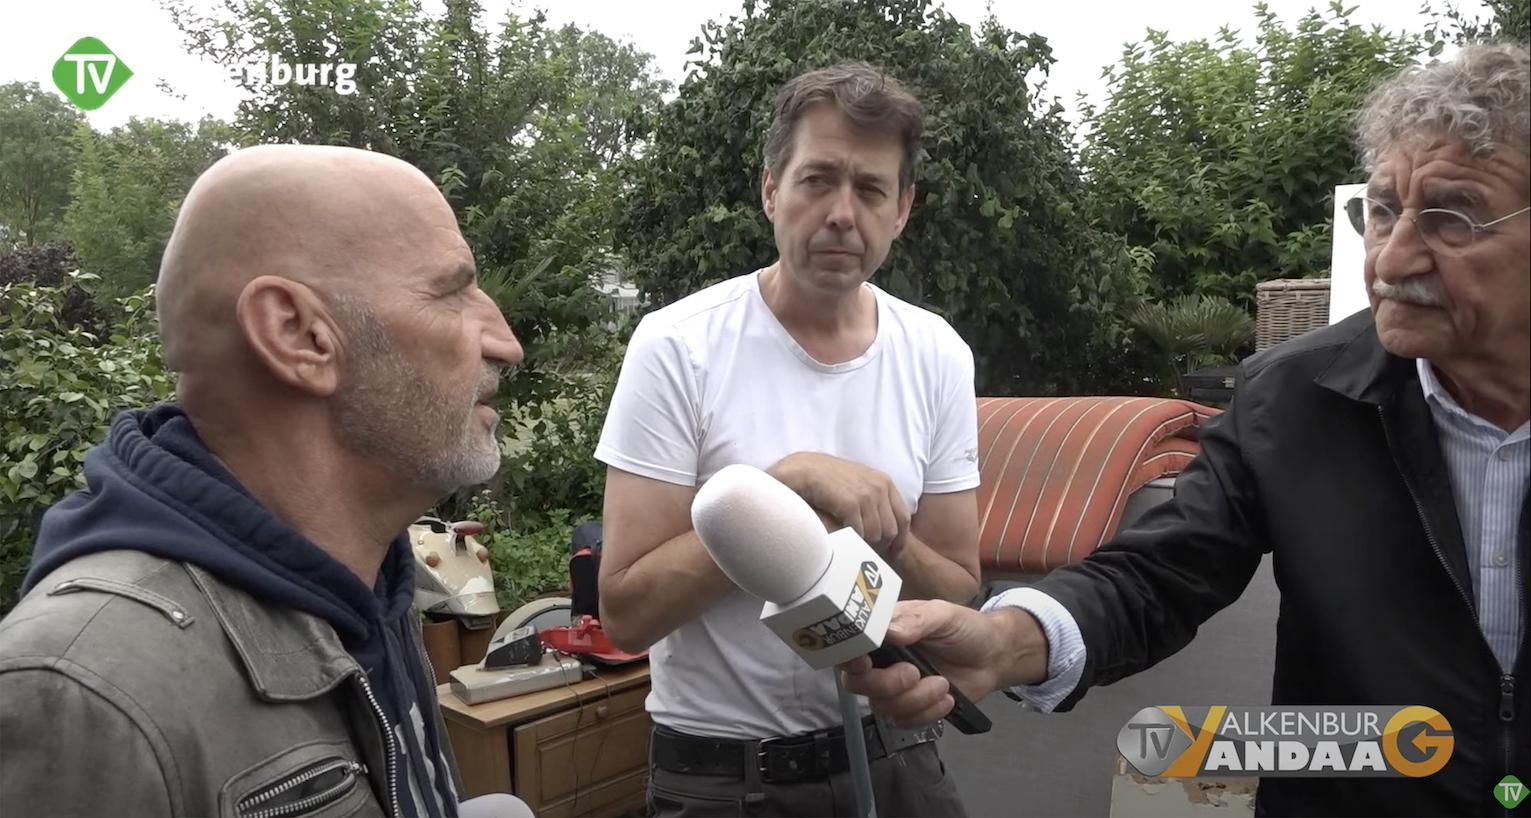 TV Valkenburg in gesprek met burgemeester Prevoo